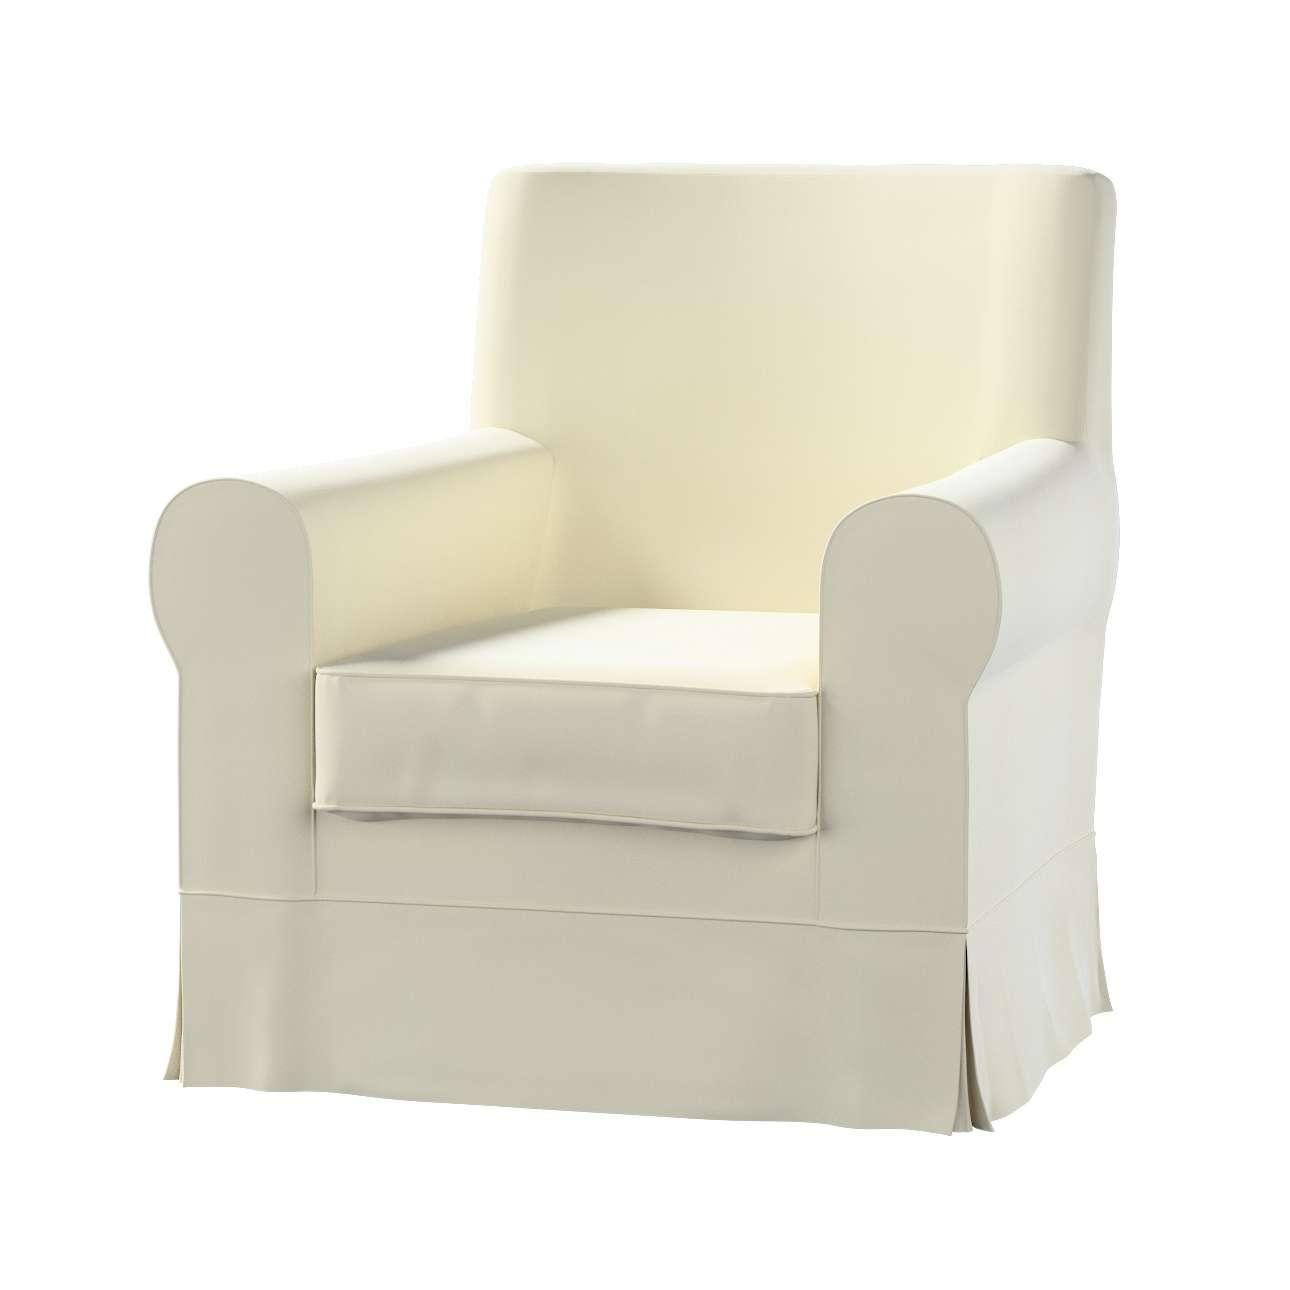 Pokrowiec na fotel Ektorp Jennylund w kolekcji Velvet, tkanina: 704-10